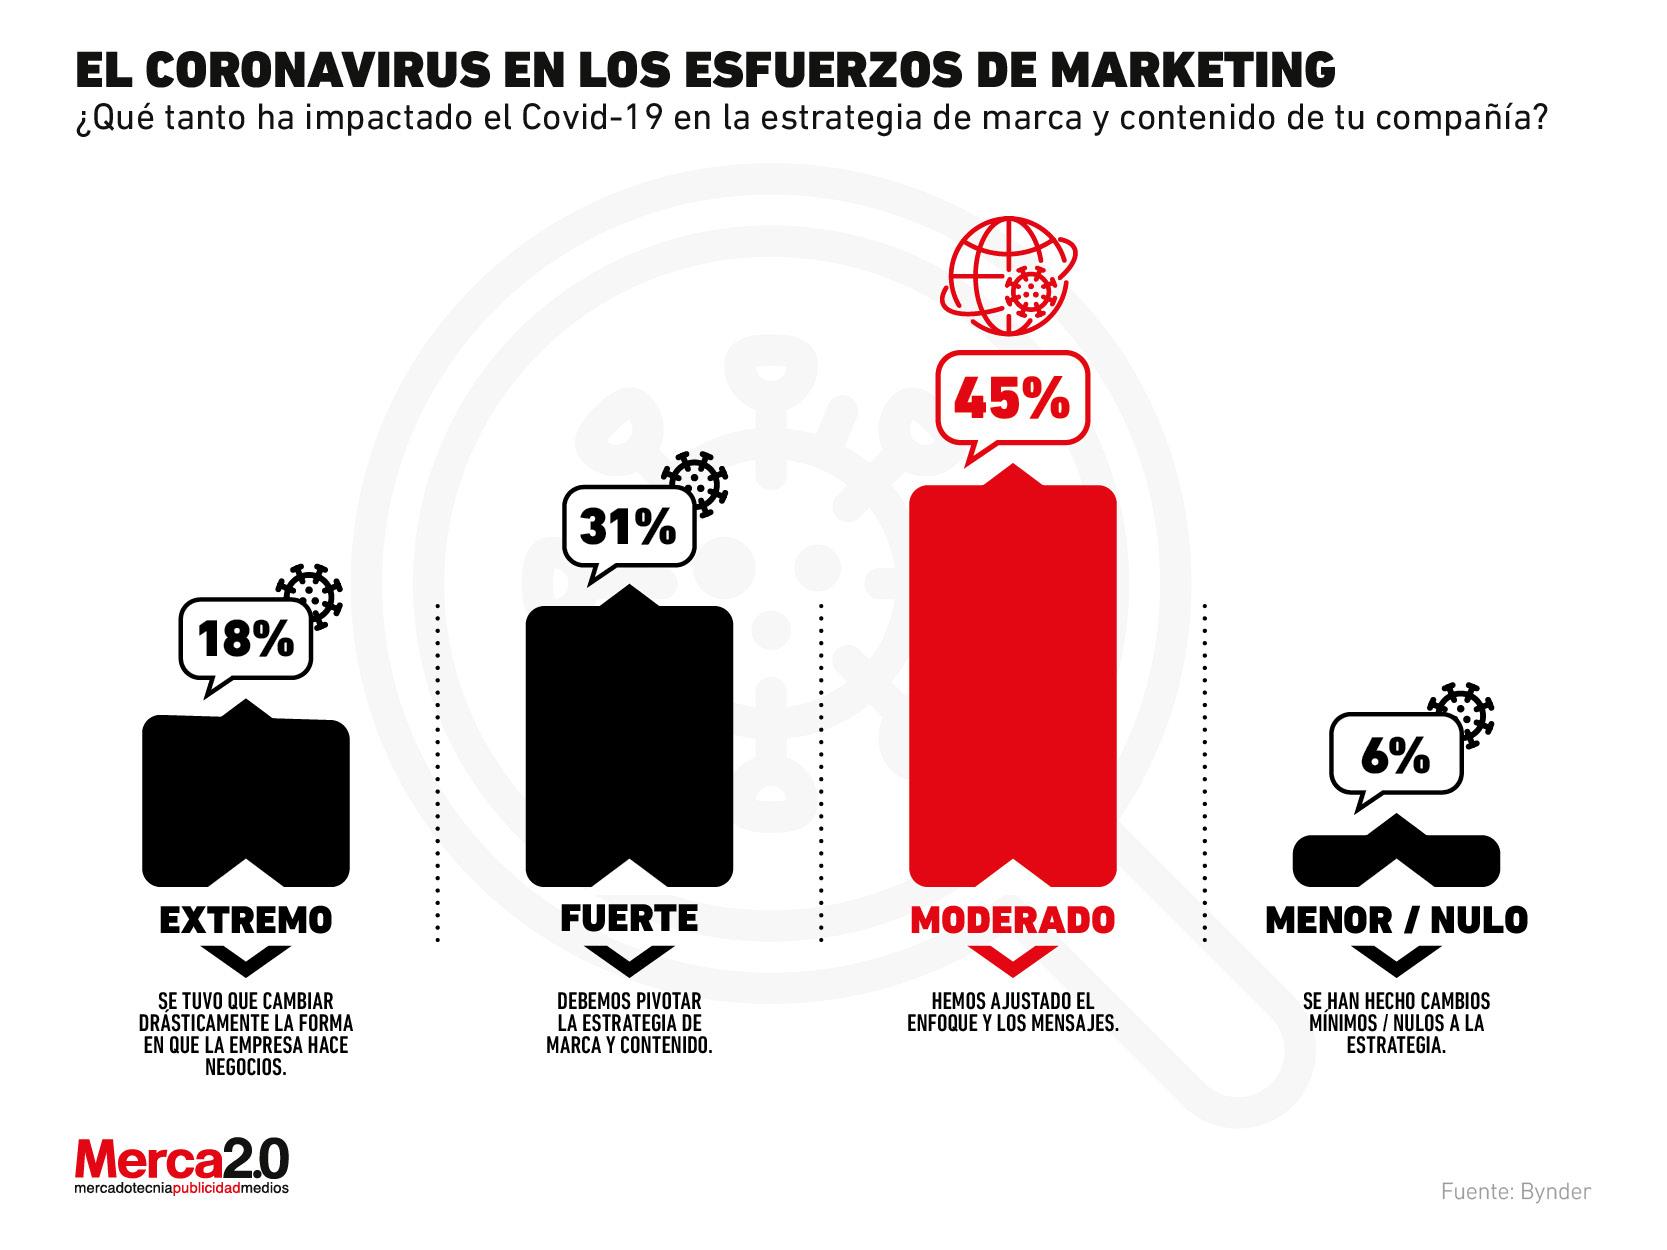 ¿Cómo ha impactado la pandemia a los esfuerzos de marketing en las empresas?